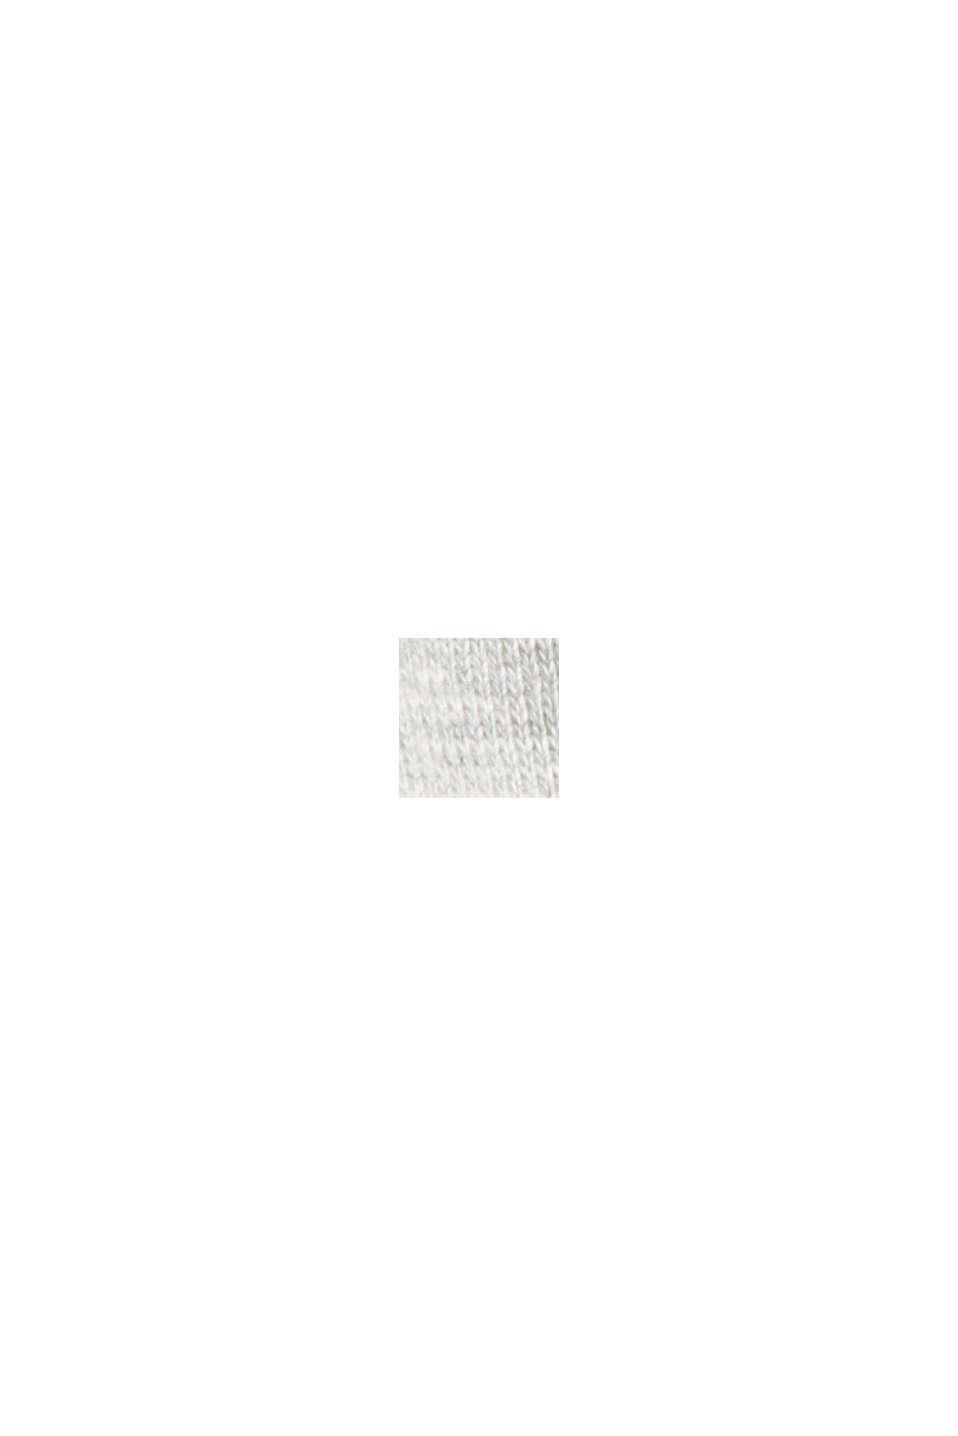 Sweat-shirt chiné en coton biologique mélangé, LIGHT GREY, swatch